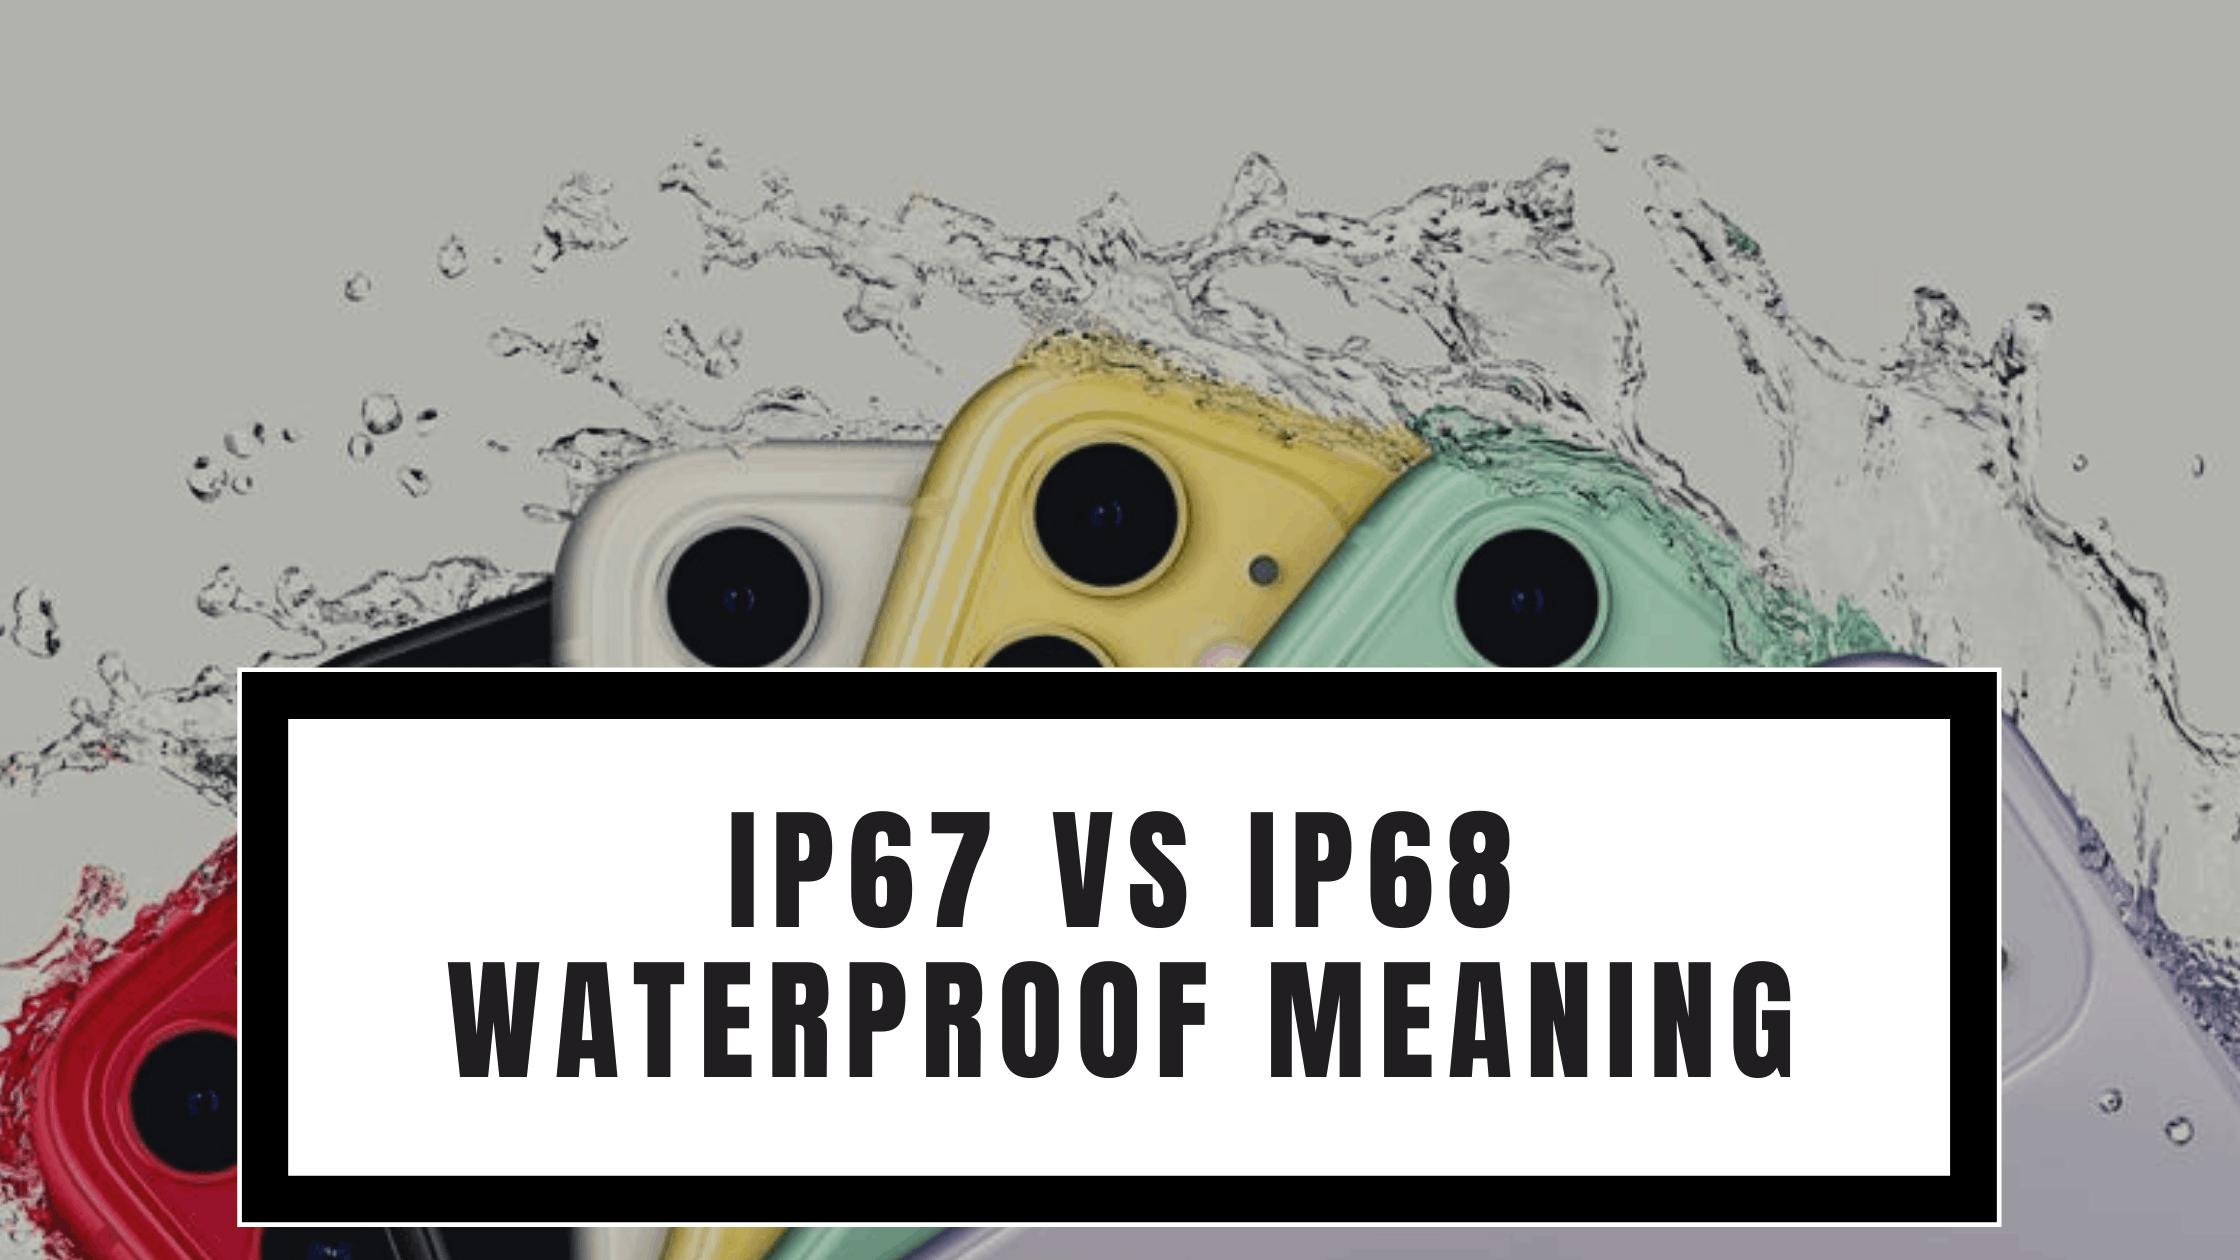 IP67 vs IP68 Waterproof Meaning